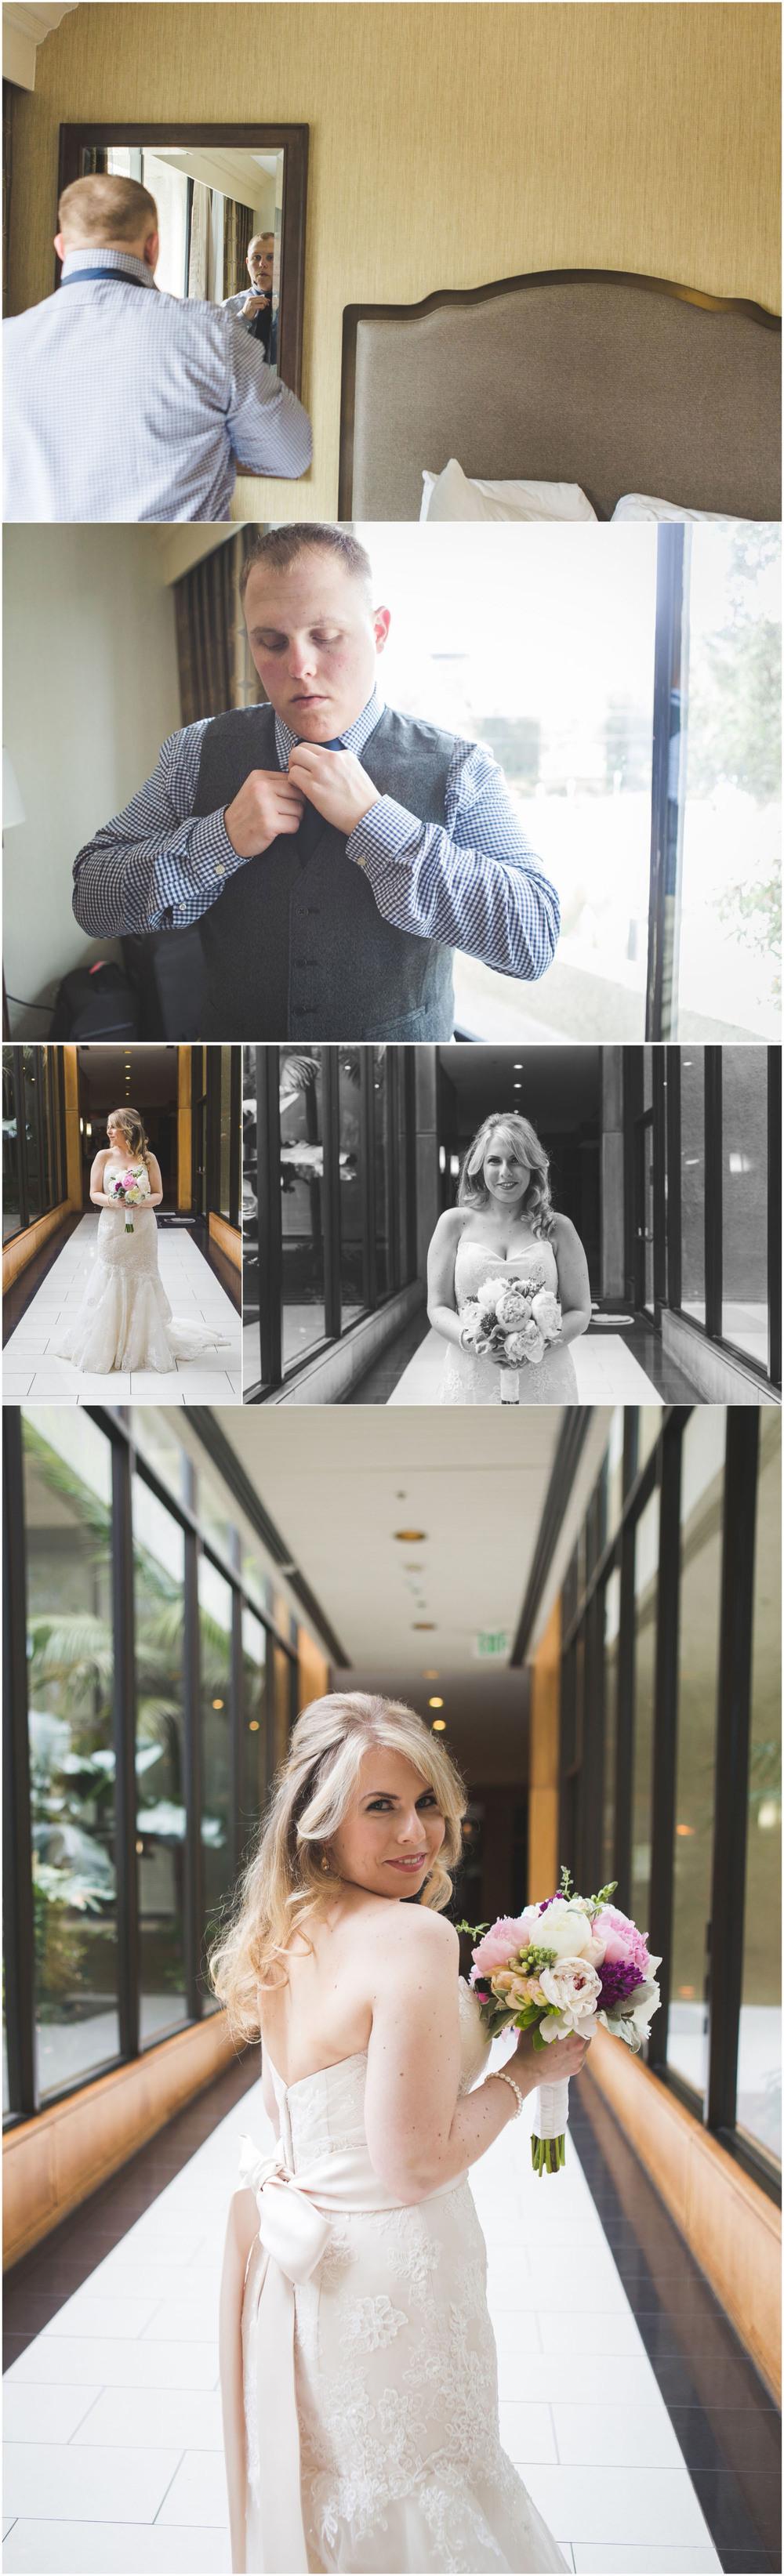 ashley vos photography seattle area wedding photographer courthouse wedding backyard wedding seattle washington_0107.jpg